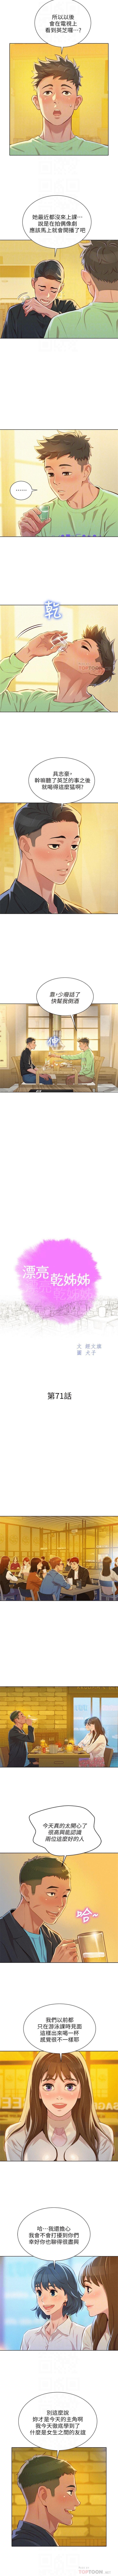 (周7)漂亮干姐姐  1-81 中文翻译 (更新中) 388